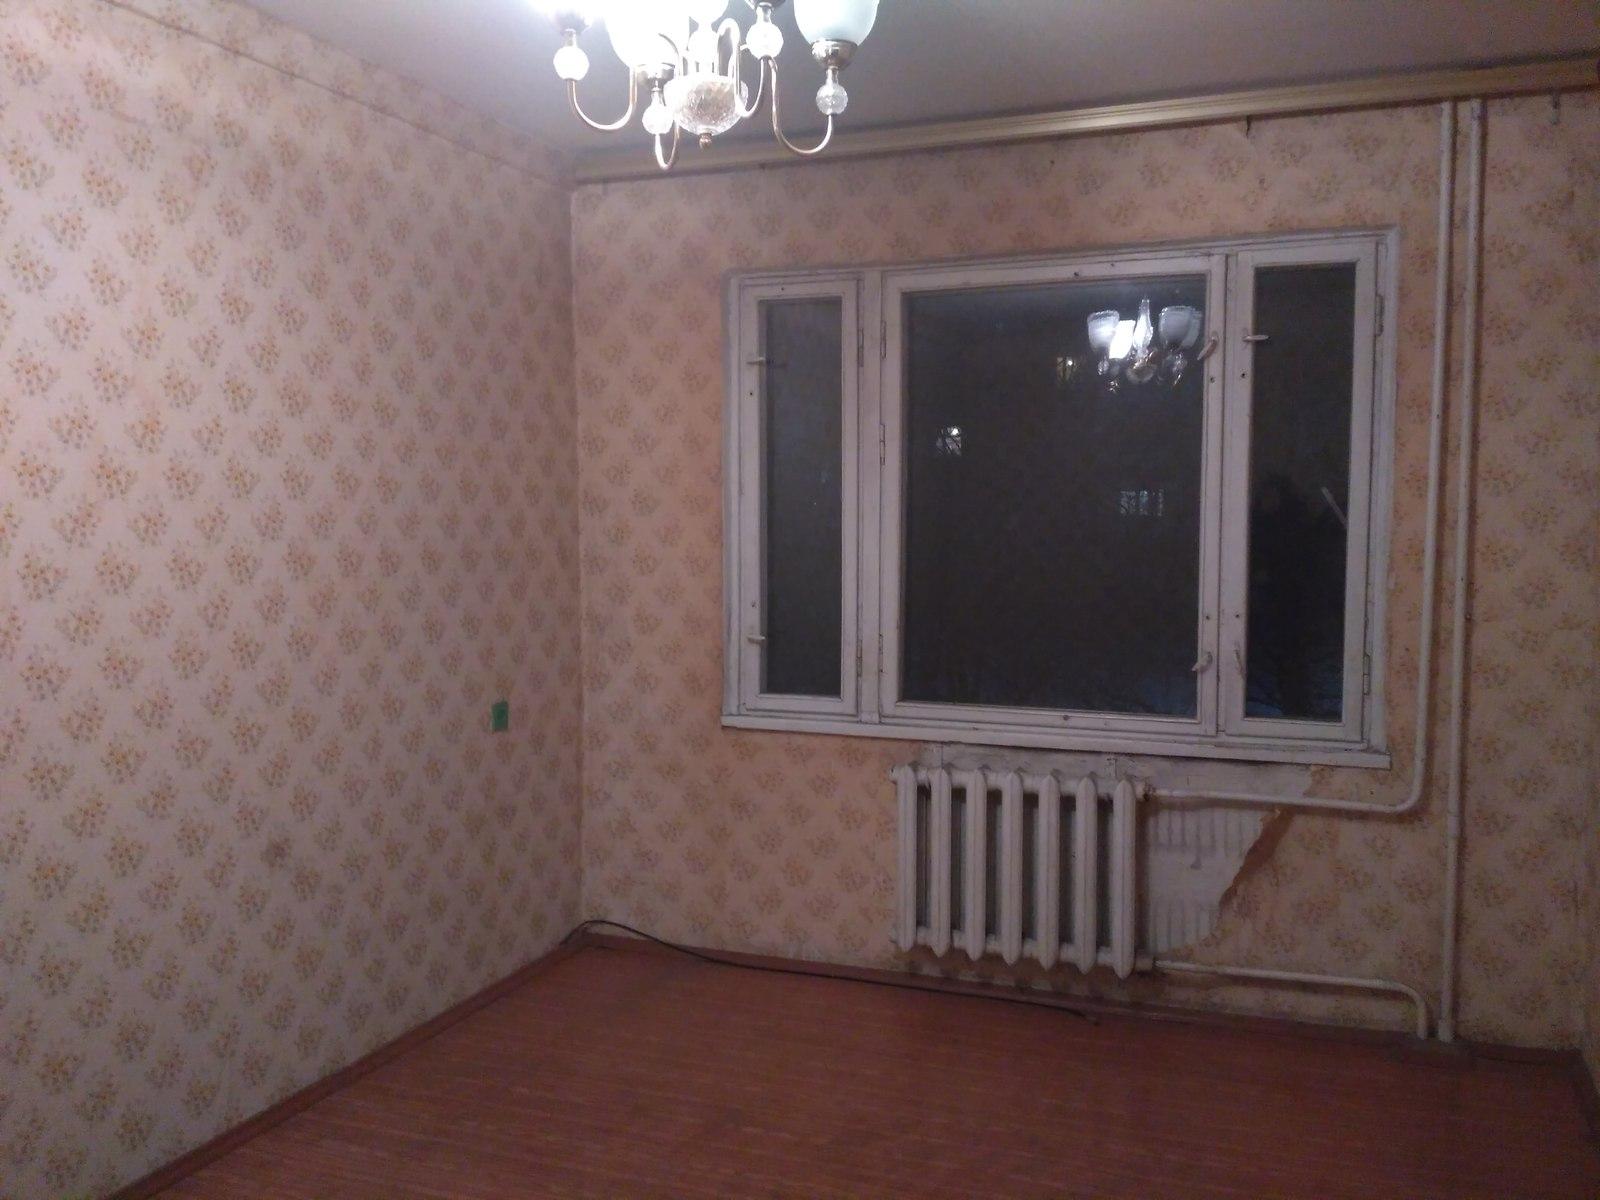 Ремонт в хрущевке ремонт квартиры своими руками фото до и после фото 887